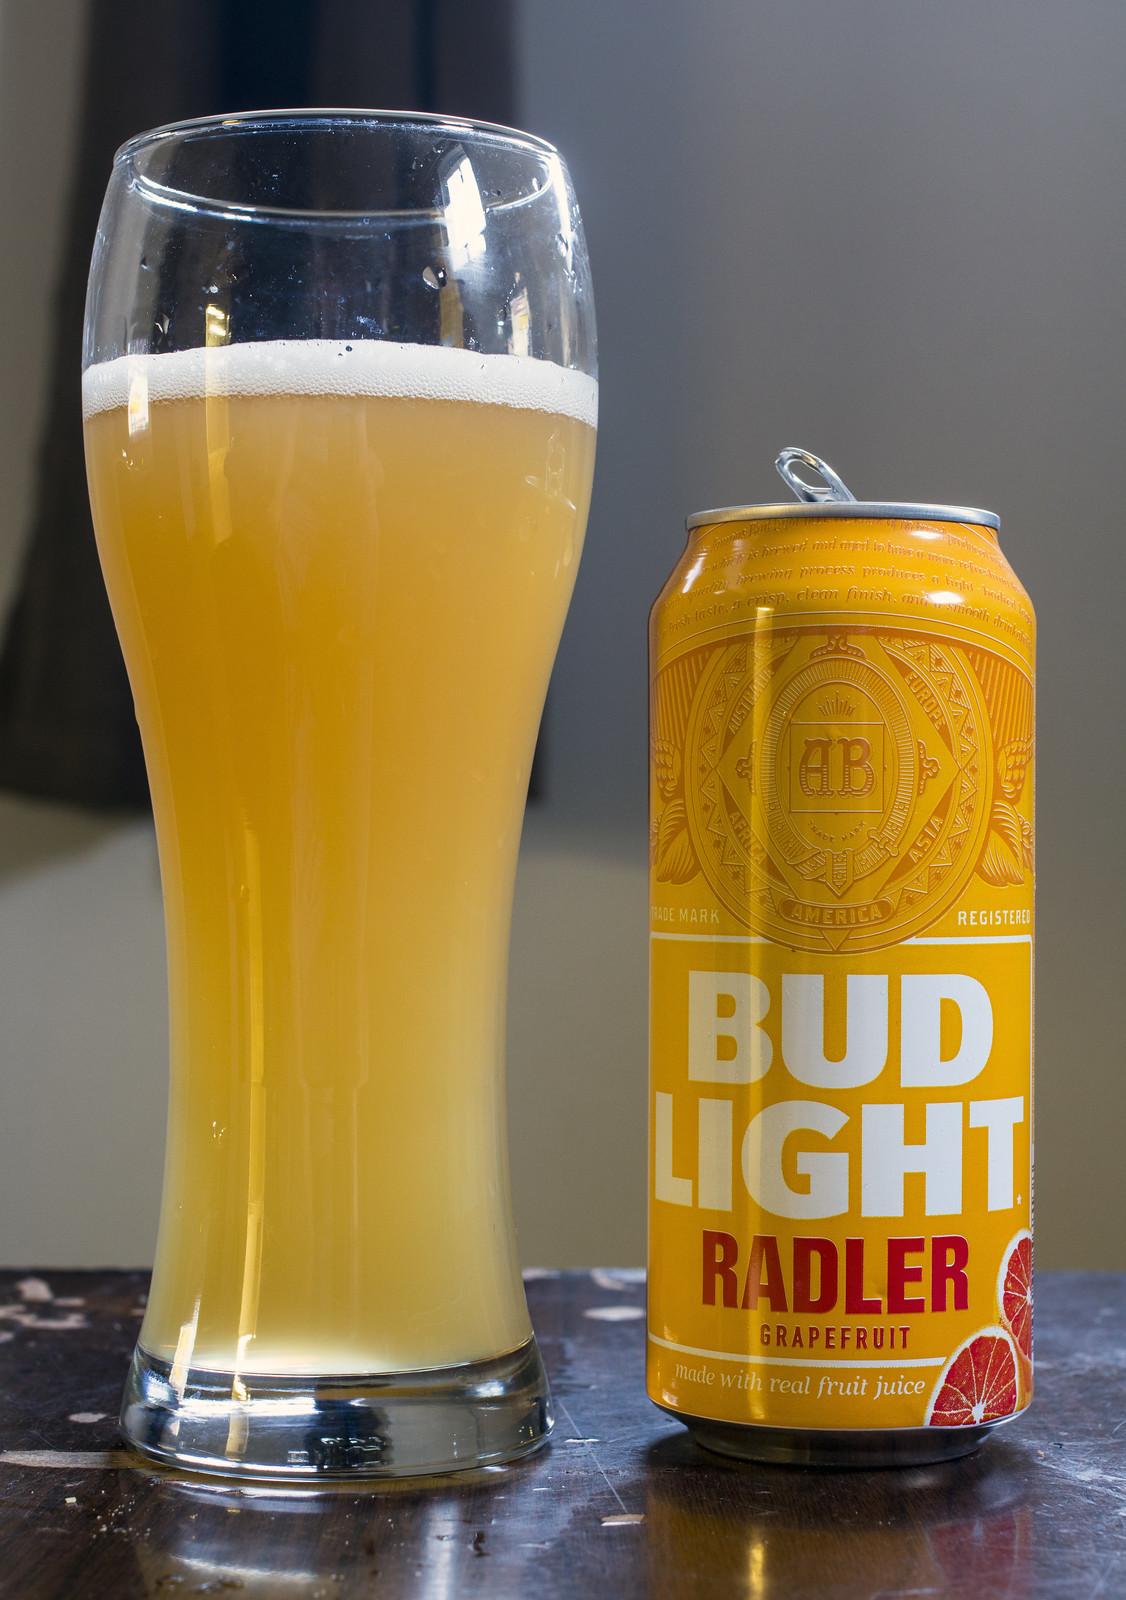 Charming Skunksworthu0027s Barleyslime: Bud Light Grapefruit Radler Great Pictures